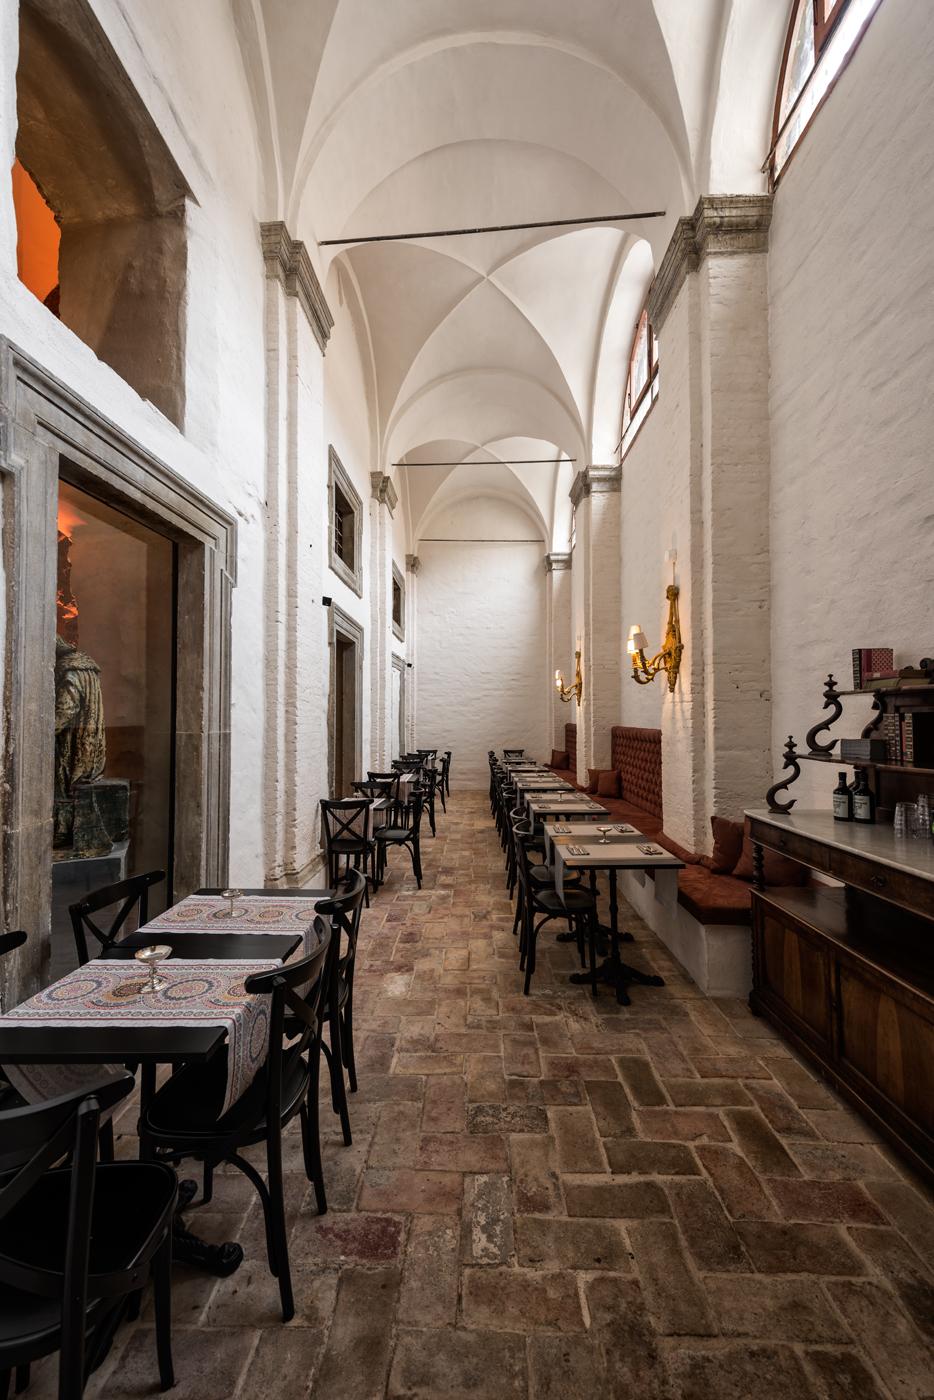 Melissa giacchi architetto d 39 interni architetto d 39 internimelissa giacchi architetto d - Architetto d interni ...